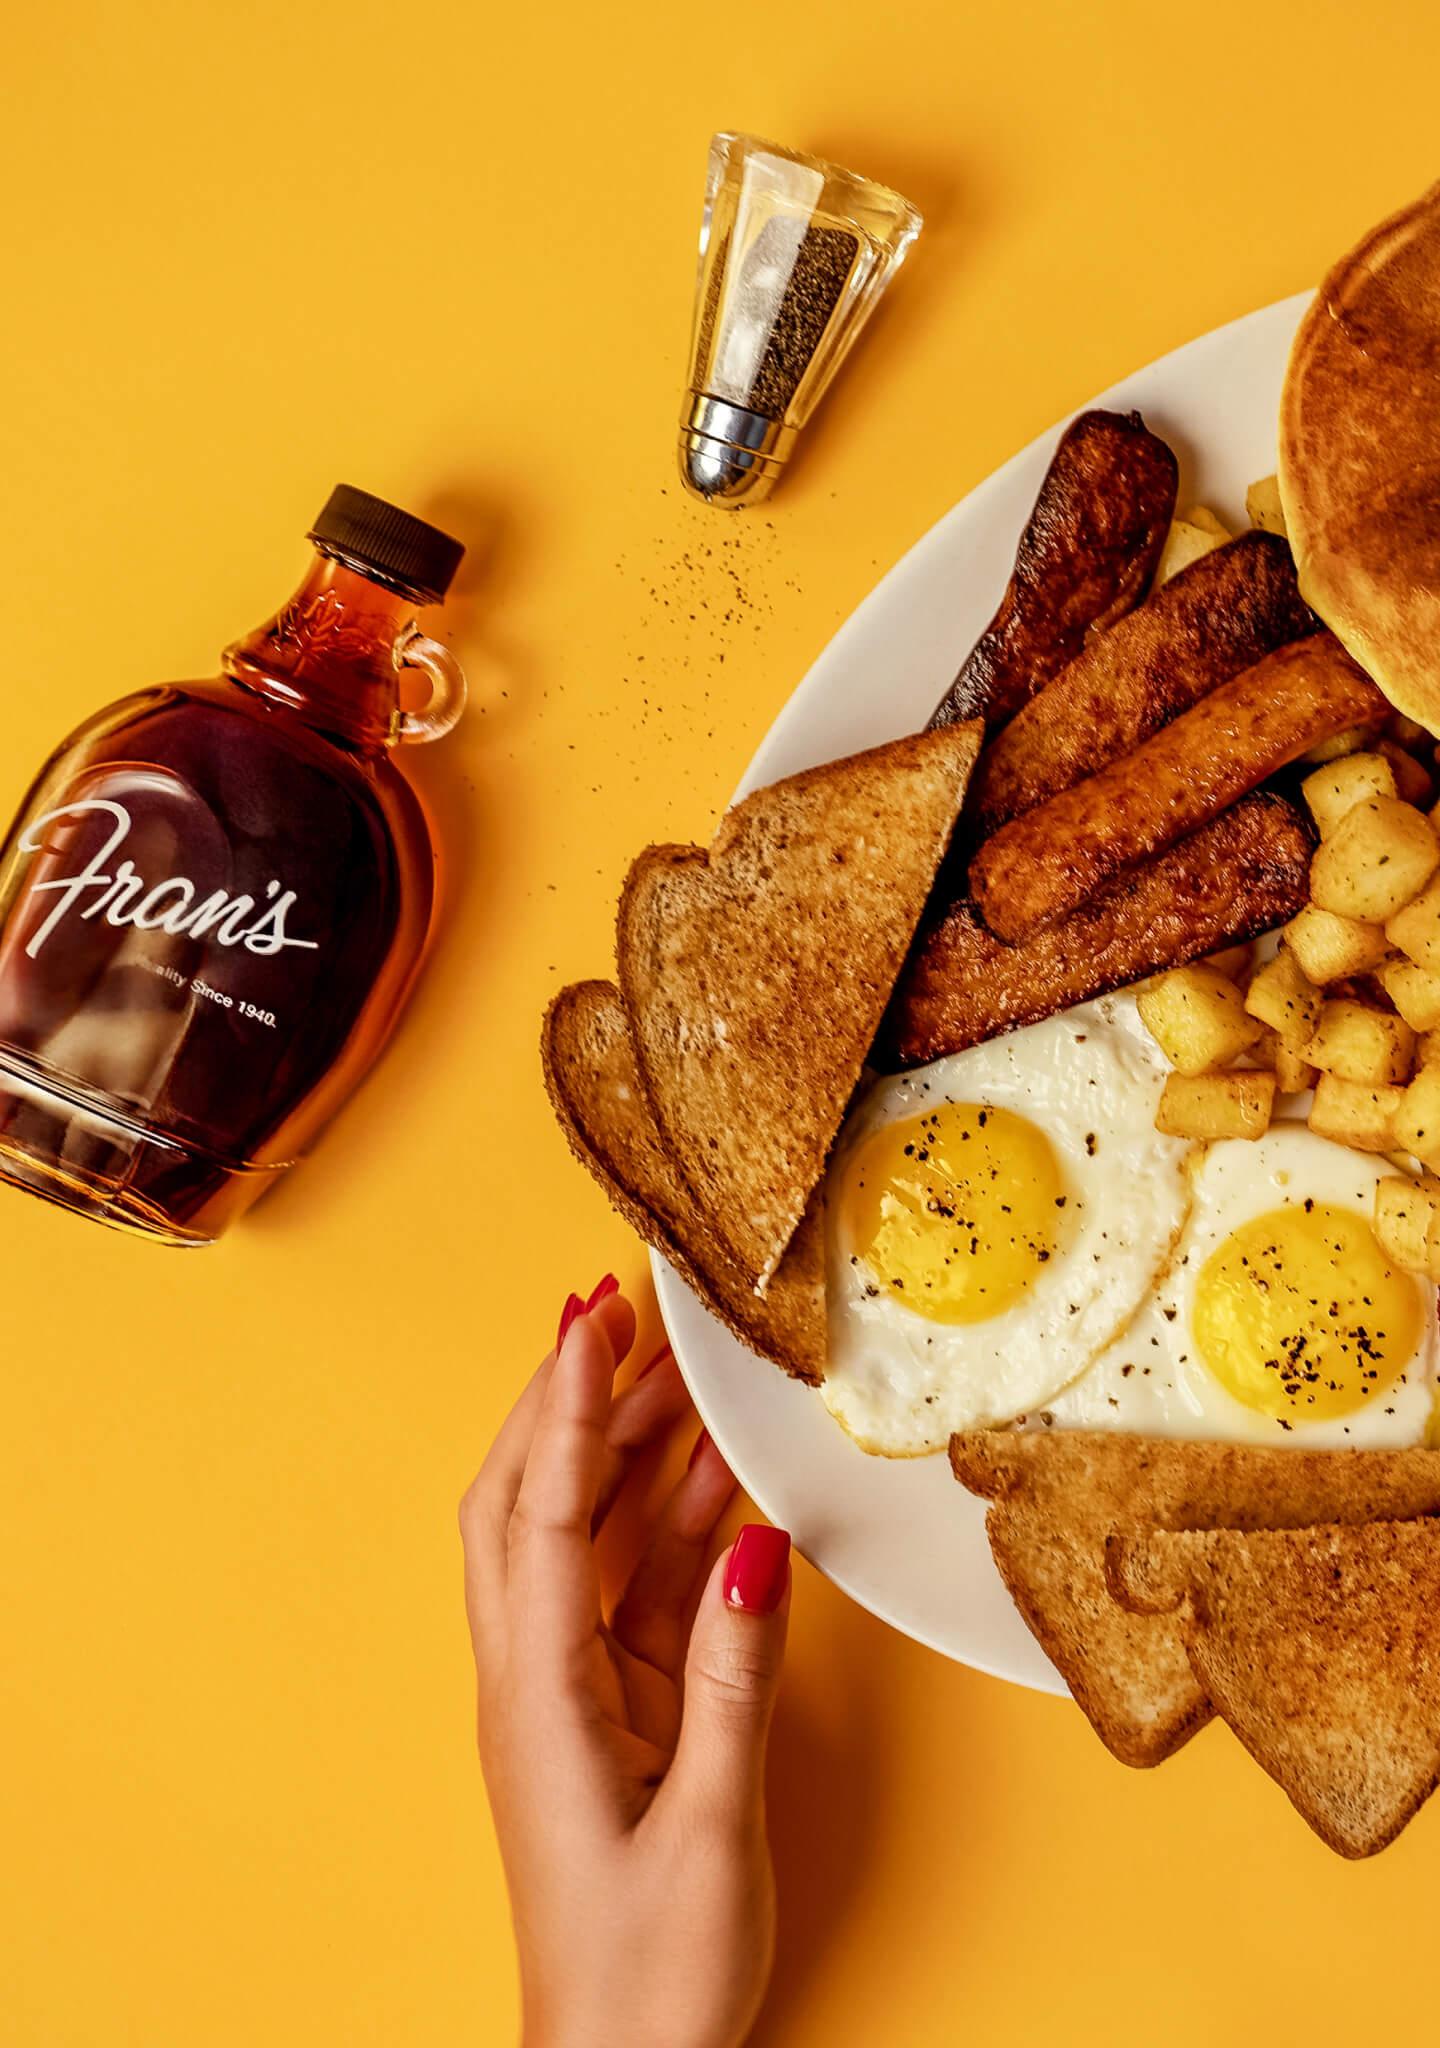 big breakfast from fran's restaurant